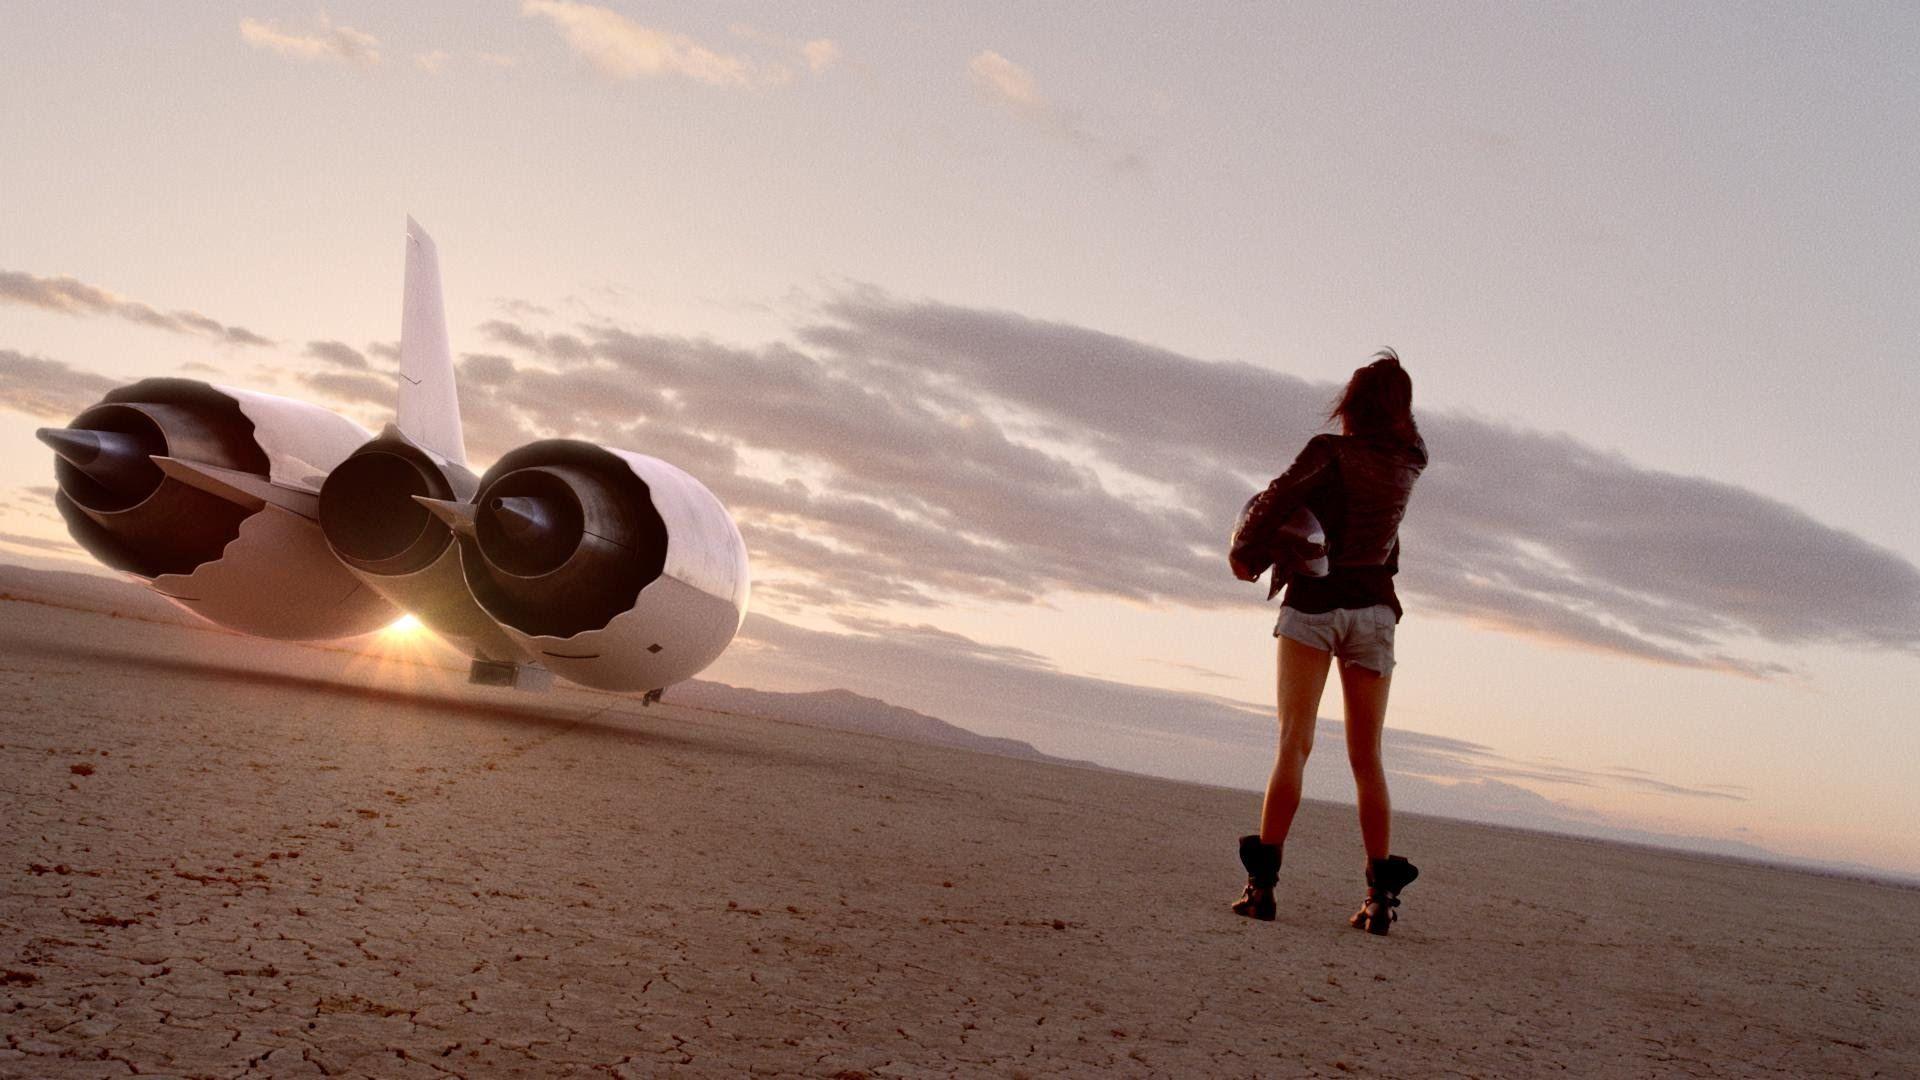 Schicker kleiner Sci-Fi-Kurzfilm von The CGBros über eine Zeitmaschine, die deutlich mehr als 88 Meilen pro Stunde drauf hat. Und auch sonst ist sie dem DeLorean weit voraus. Denn sie kann nicht nur durch die Zeit rasen, sondern gleichzeitig an jeden Ort unserer Galaxis. Der Film endet zu früh, so dass ich hoffe, dass die [ ]